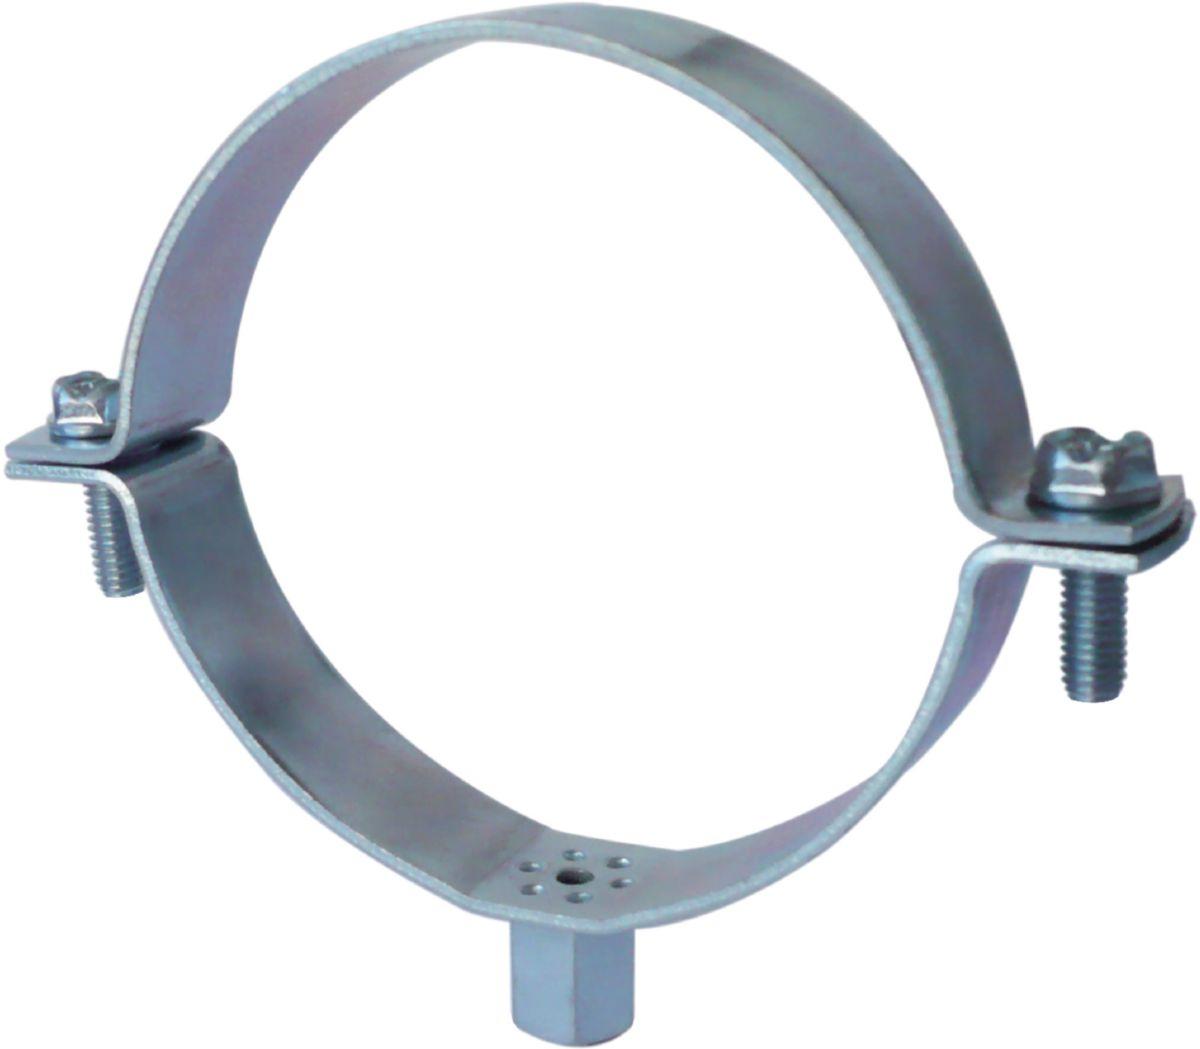 Collier M8/10 simple renforcé diamètre 110mm réf. 056245